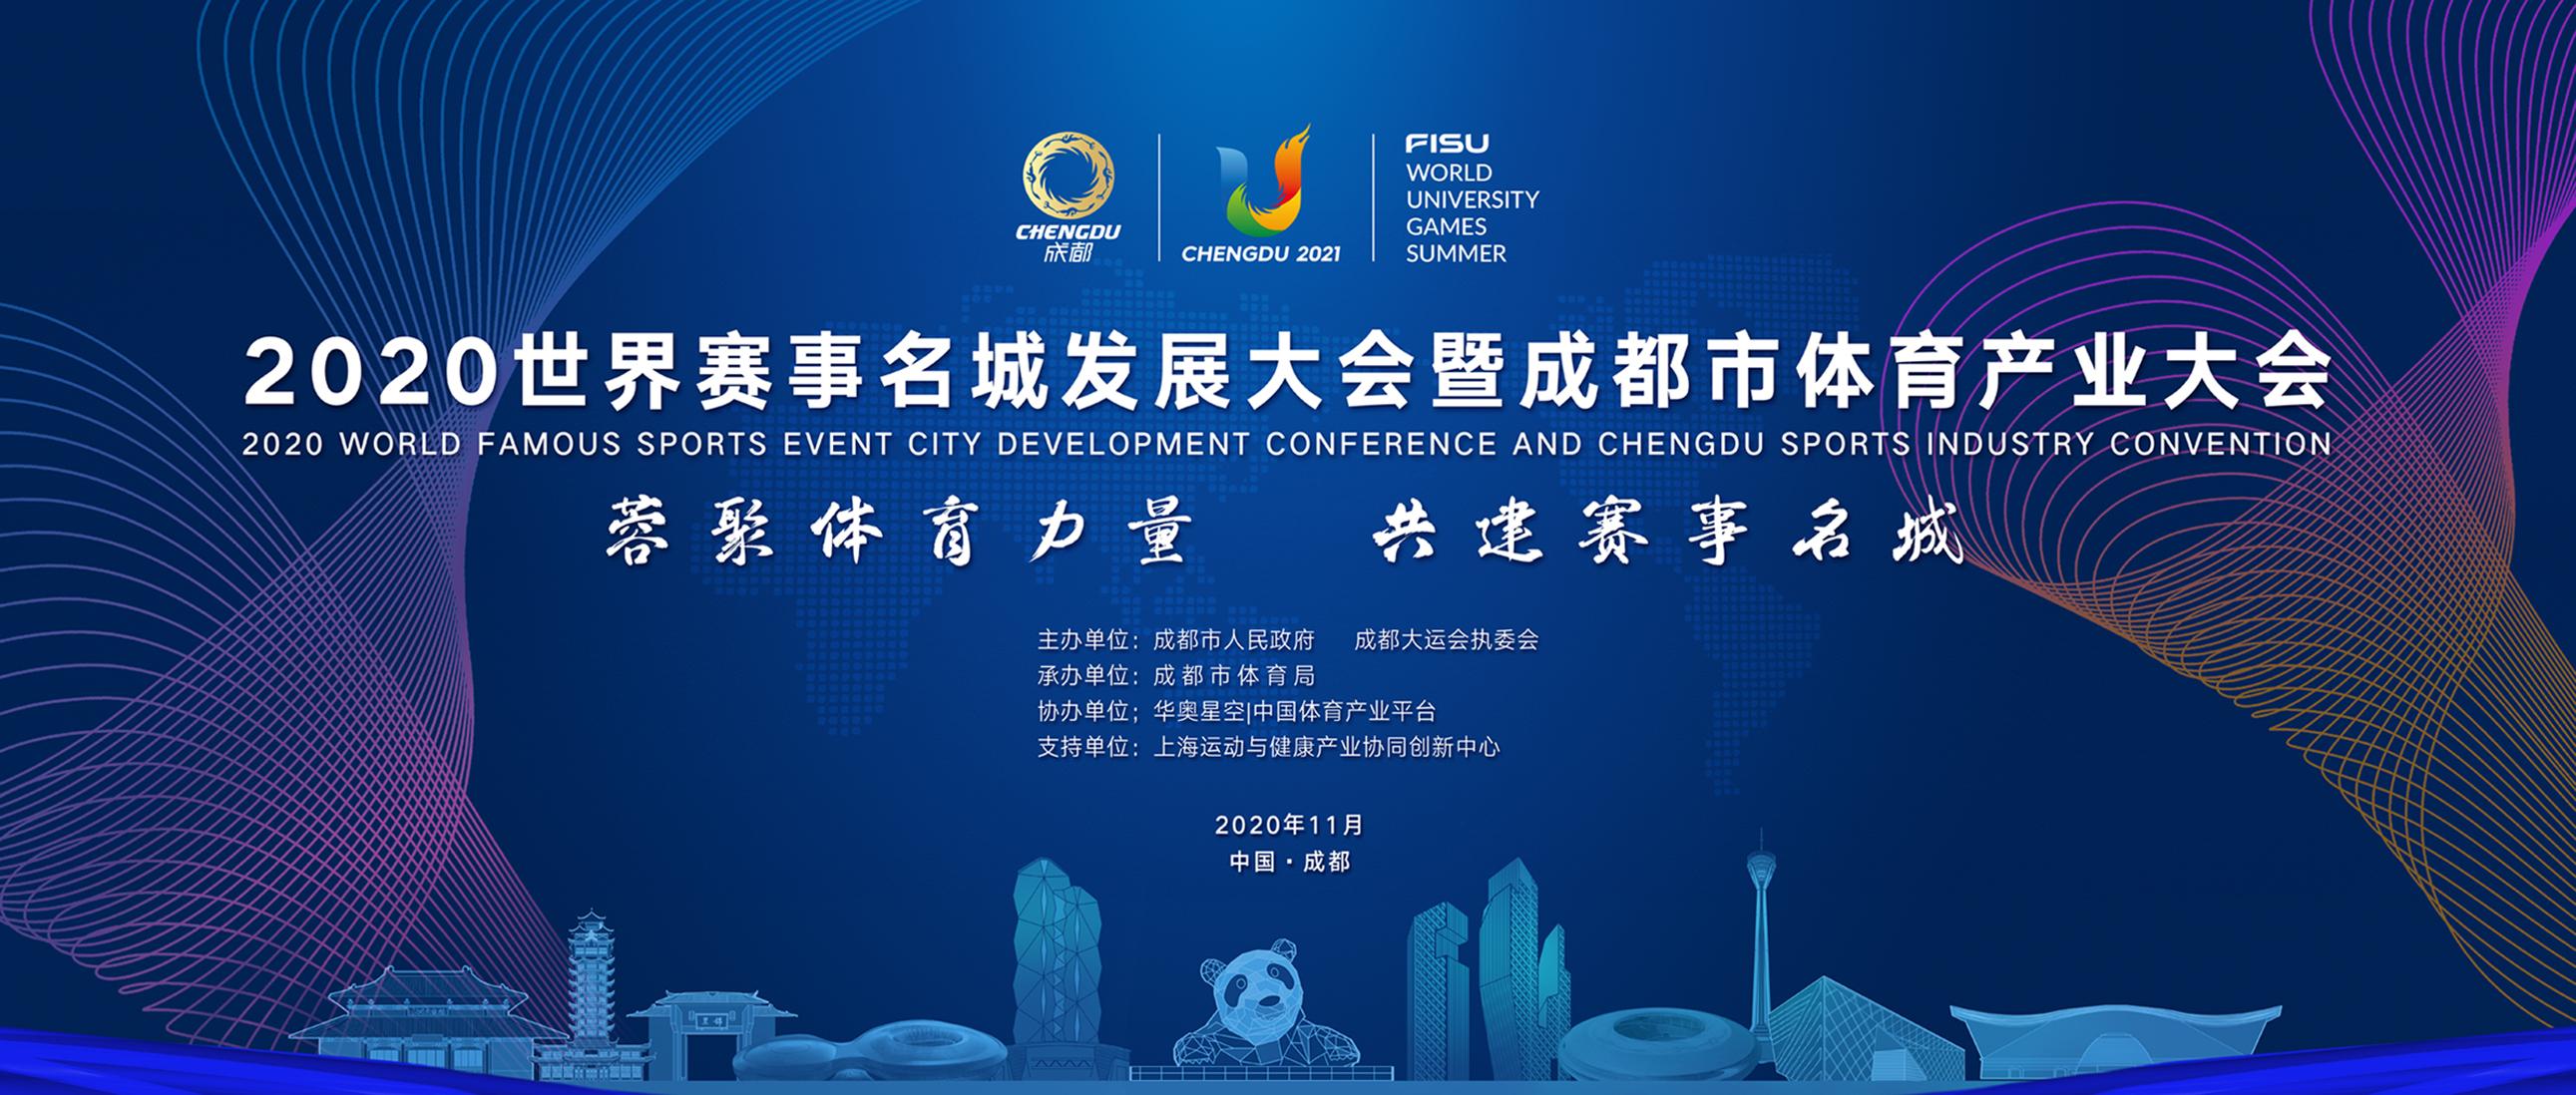 2020世界赛事名城发展大会暨成都